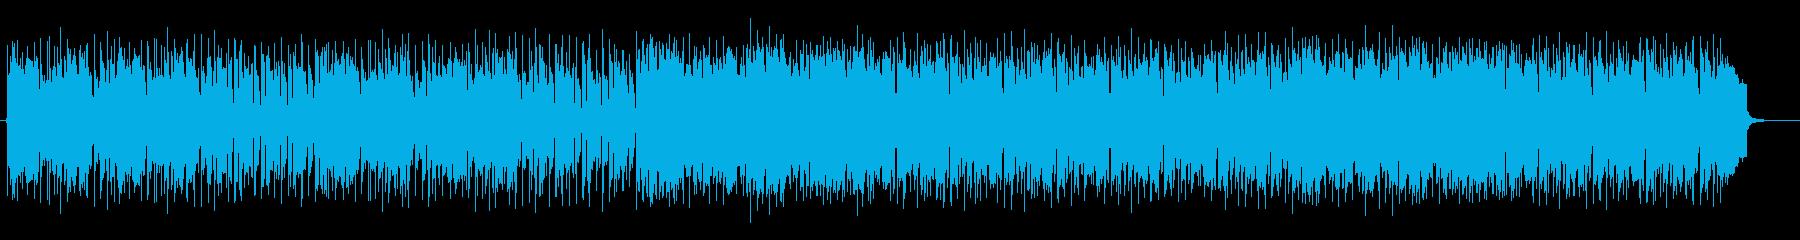 心地よくリピートされるシンセミュージックの再生済みの波形